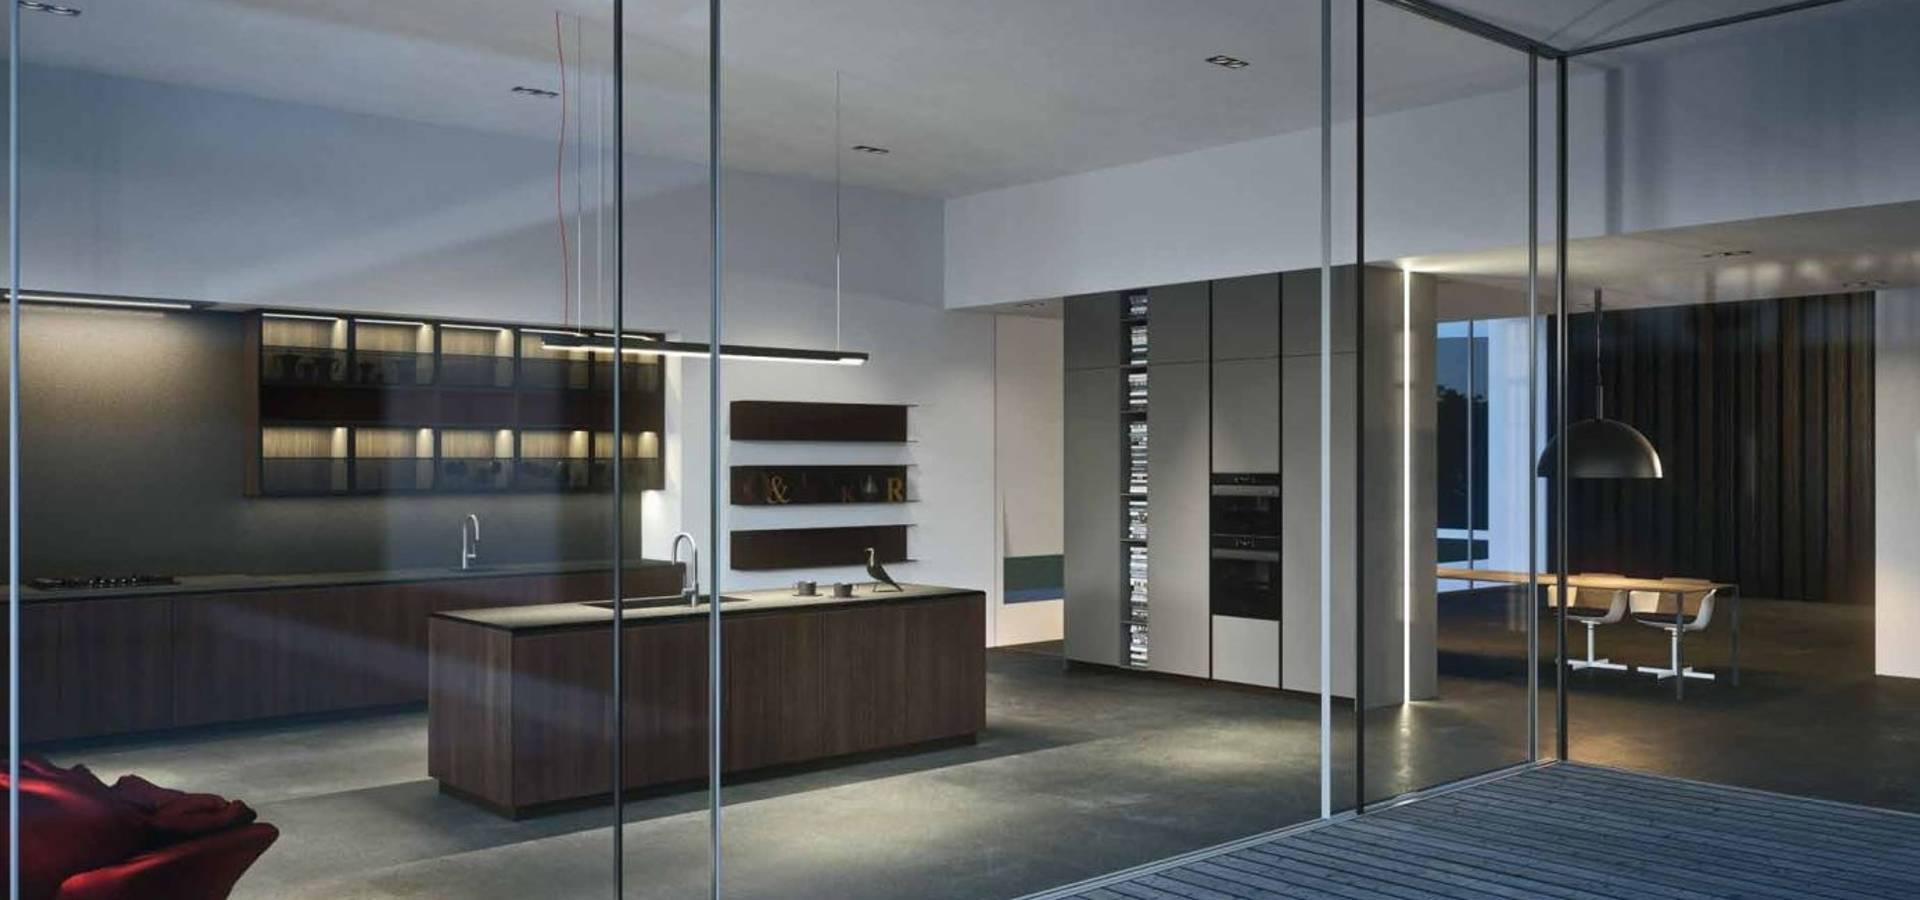 Leiken—Kitchen Leading Brand